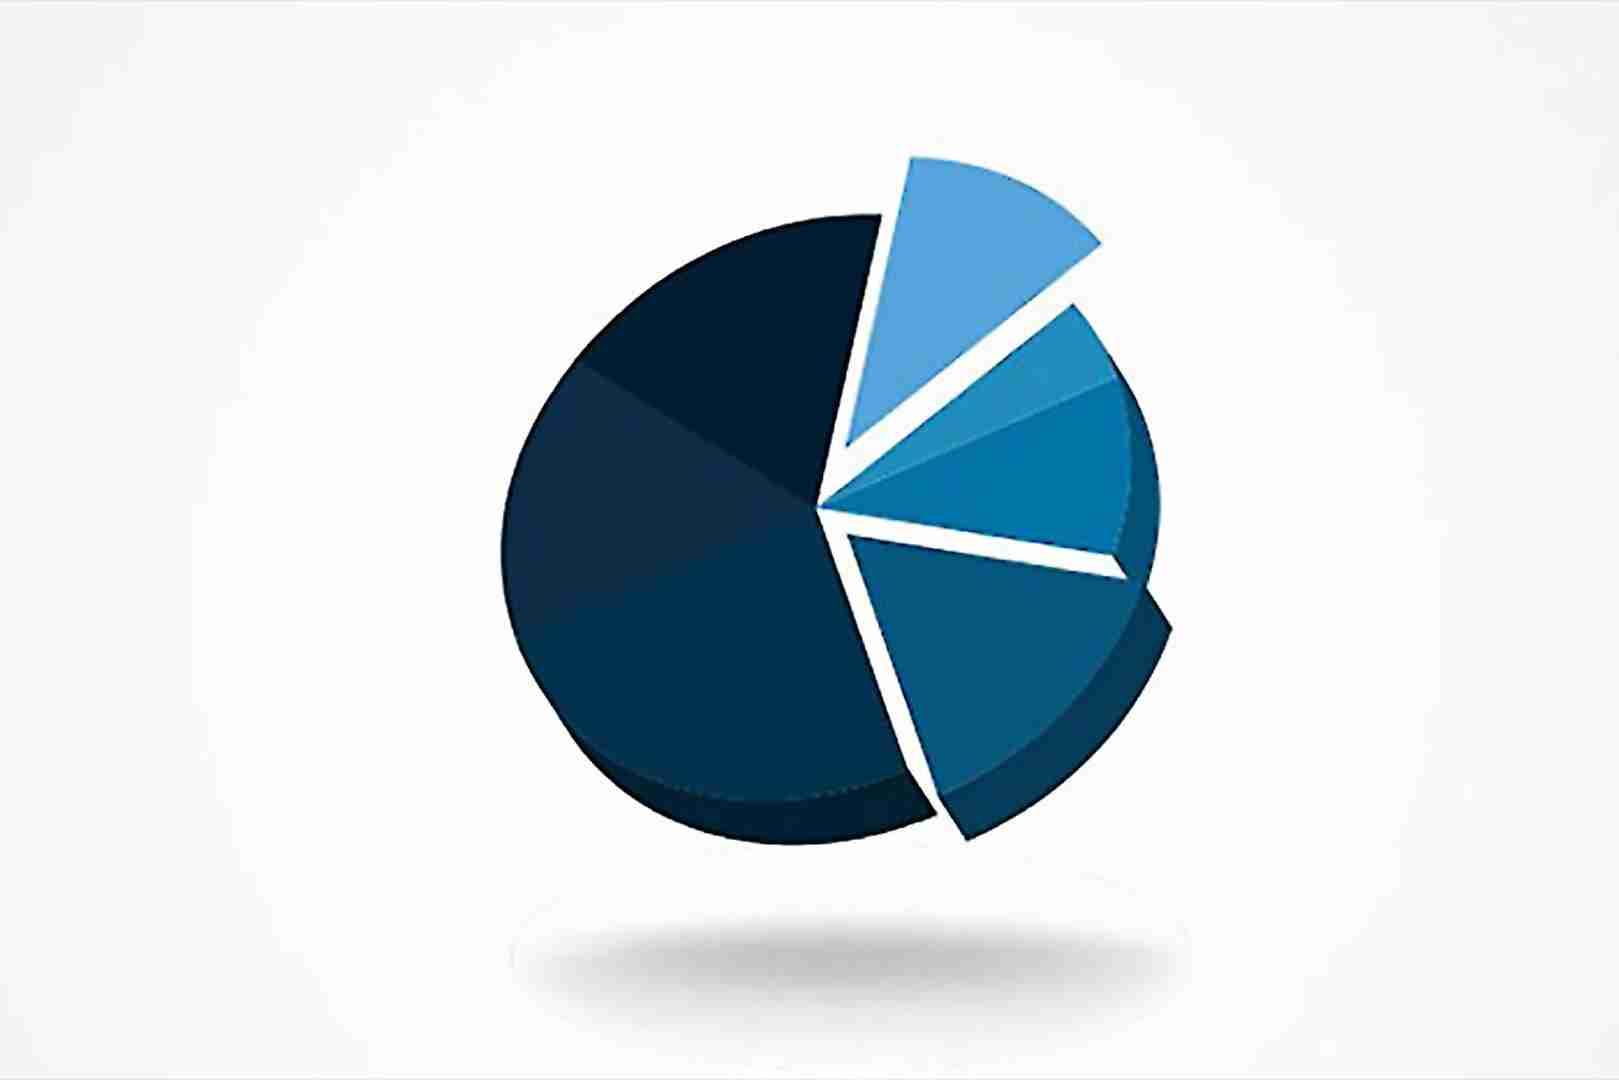 盈利能力统一理论的3个要素 (信息图)